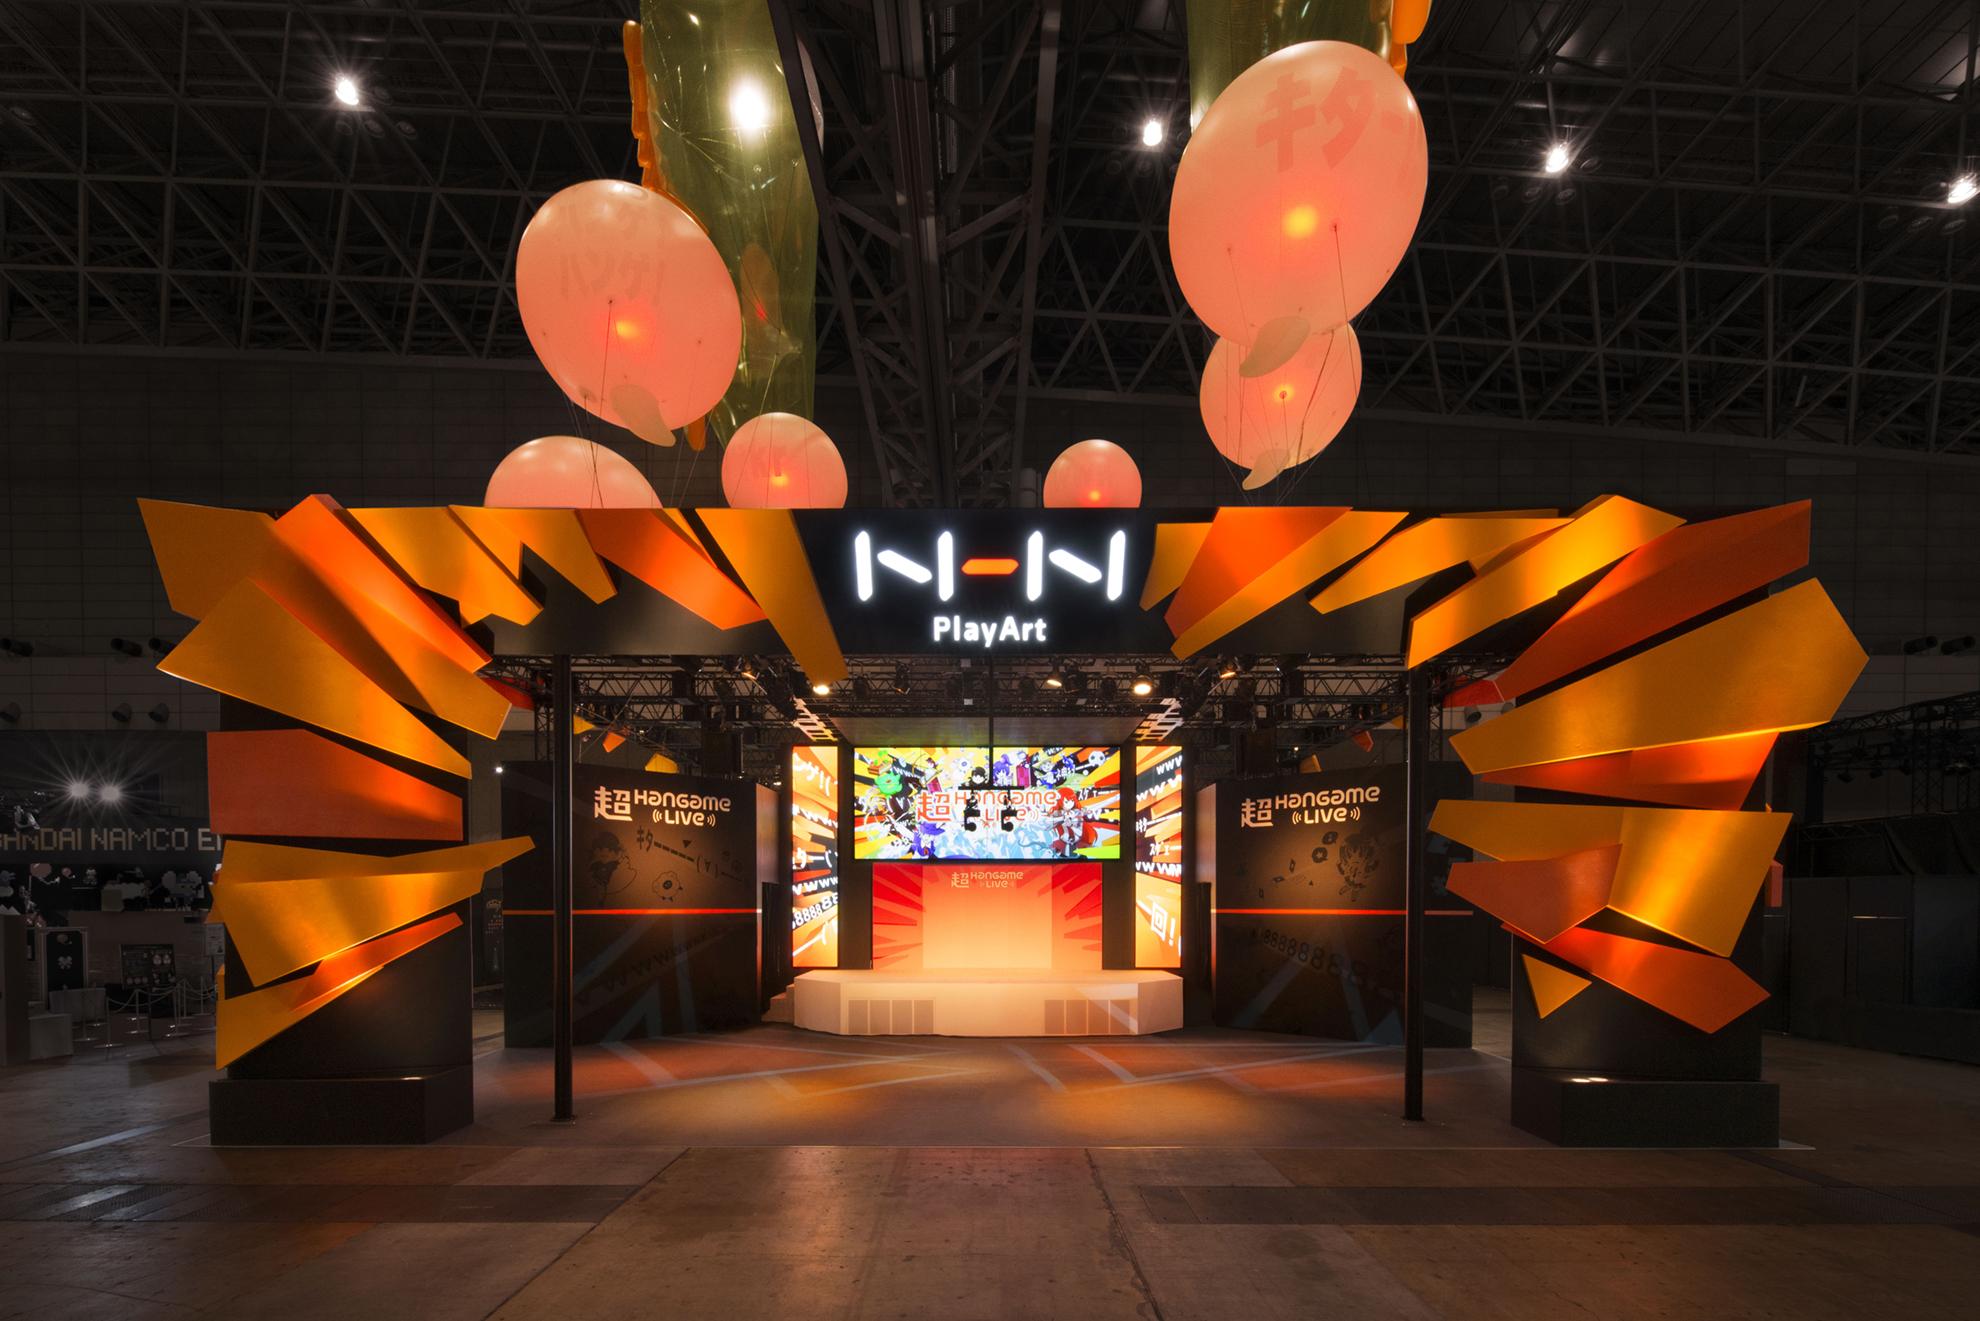 ニコニコ超会議2015 / NHN PlayArt 超Hangame Liveブース